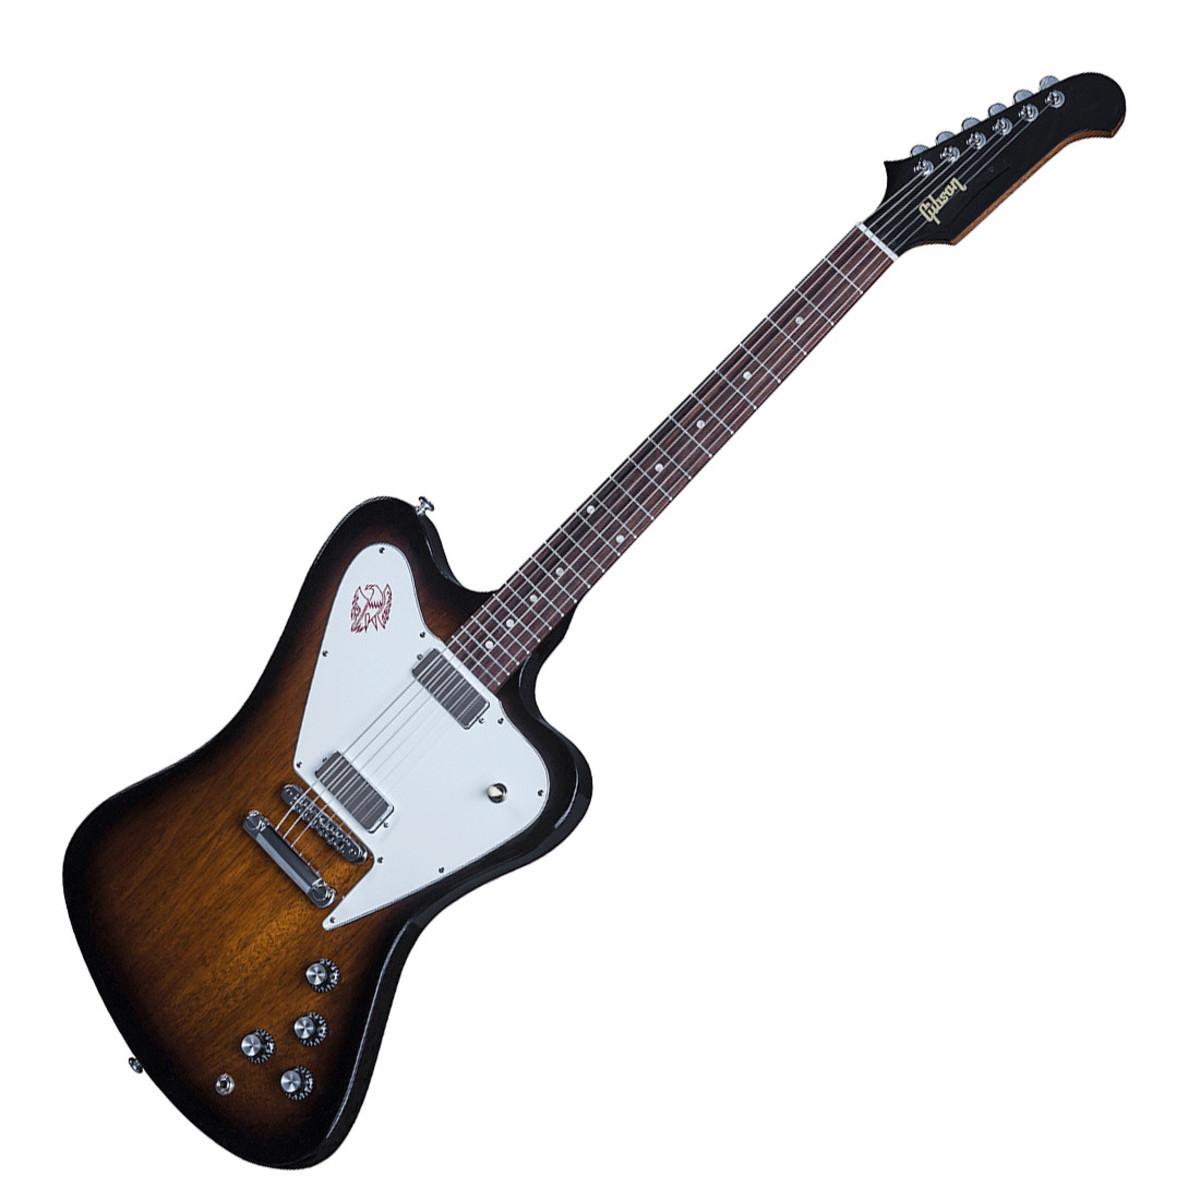 Gibson Firebird Non Reverse : disc gibson firebird non reverse limited edition vintage sunburst at ~ Russianpoet.info Haus und Dekorationen